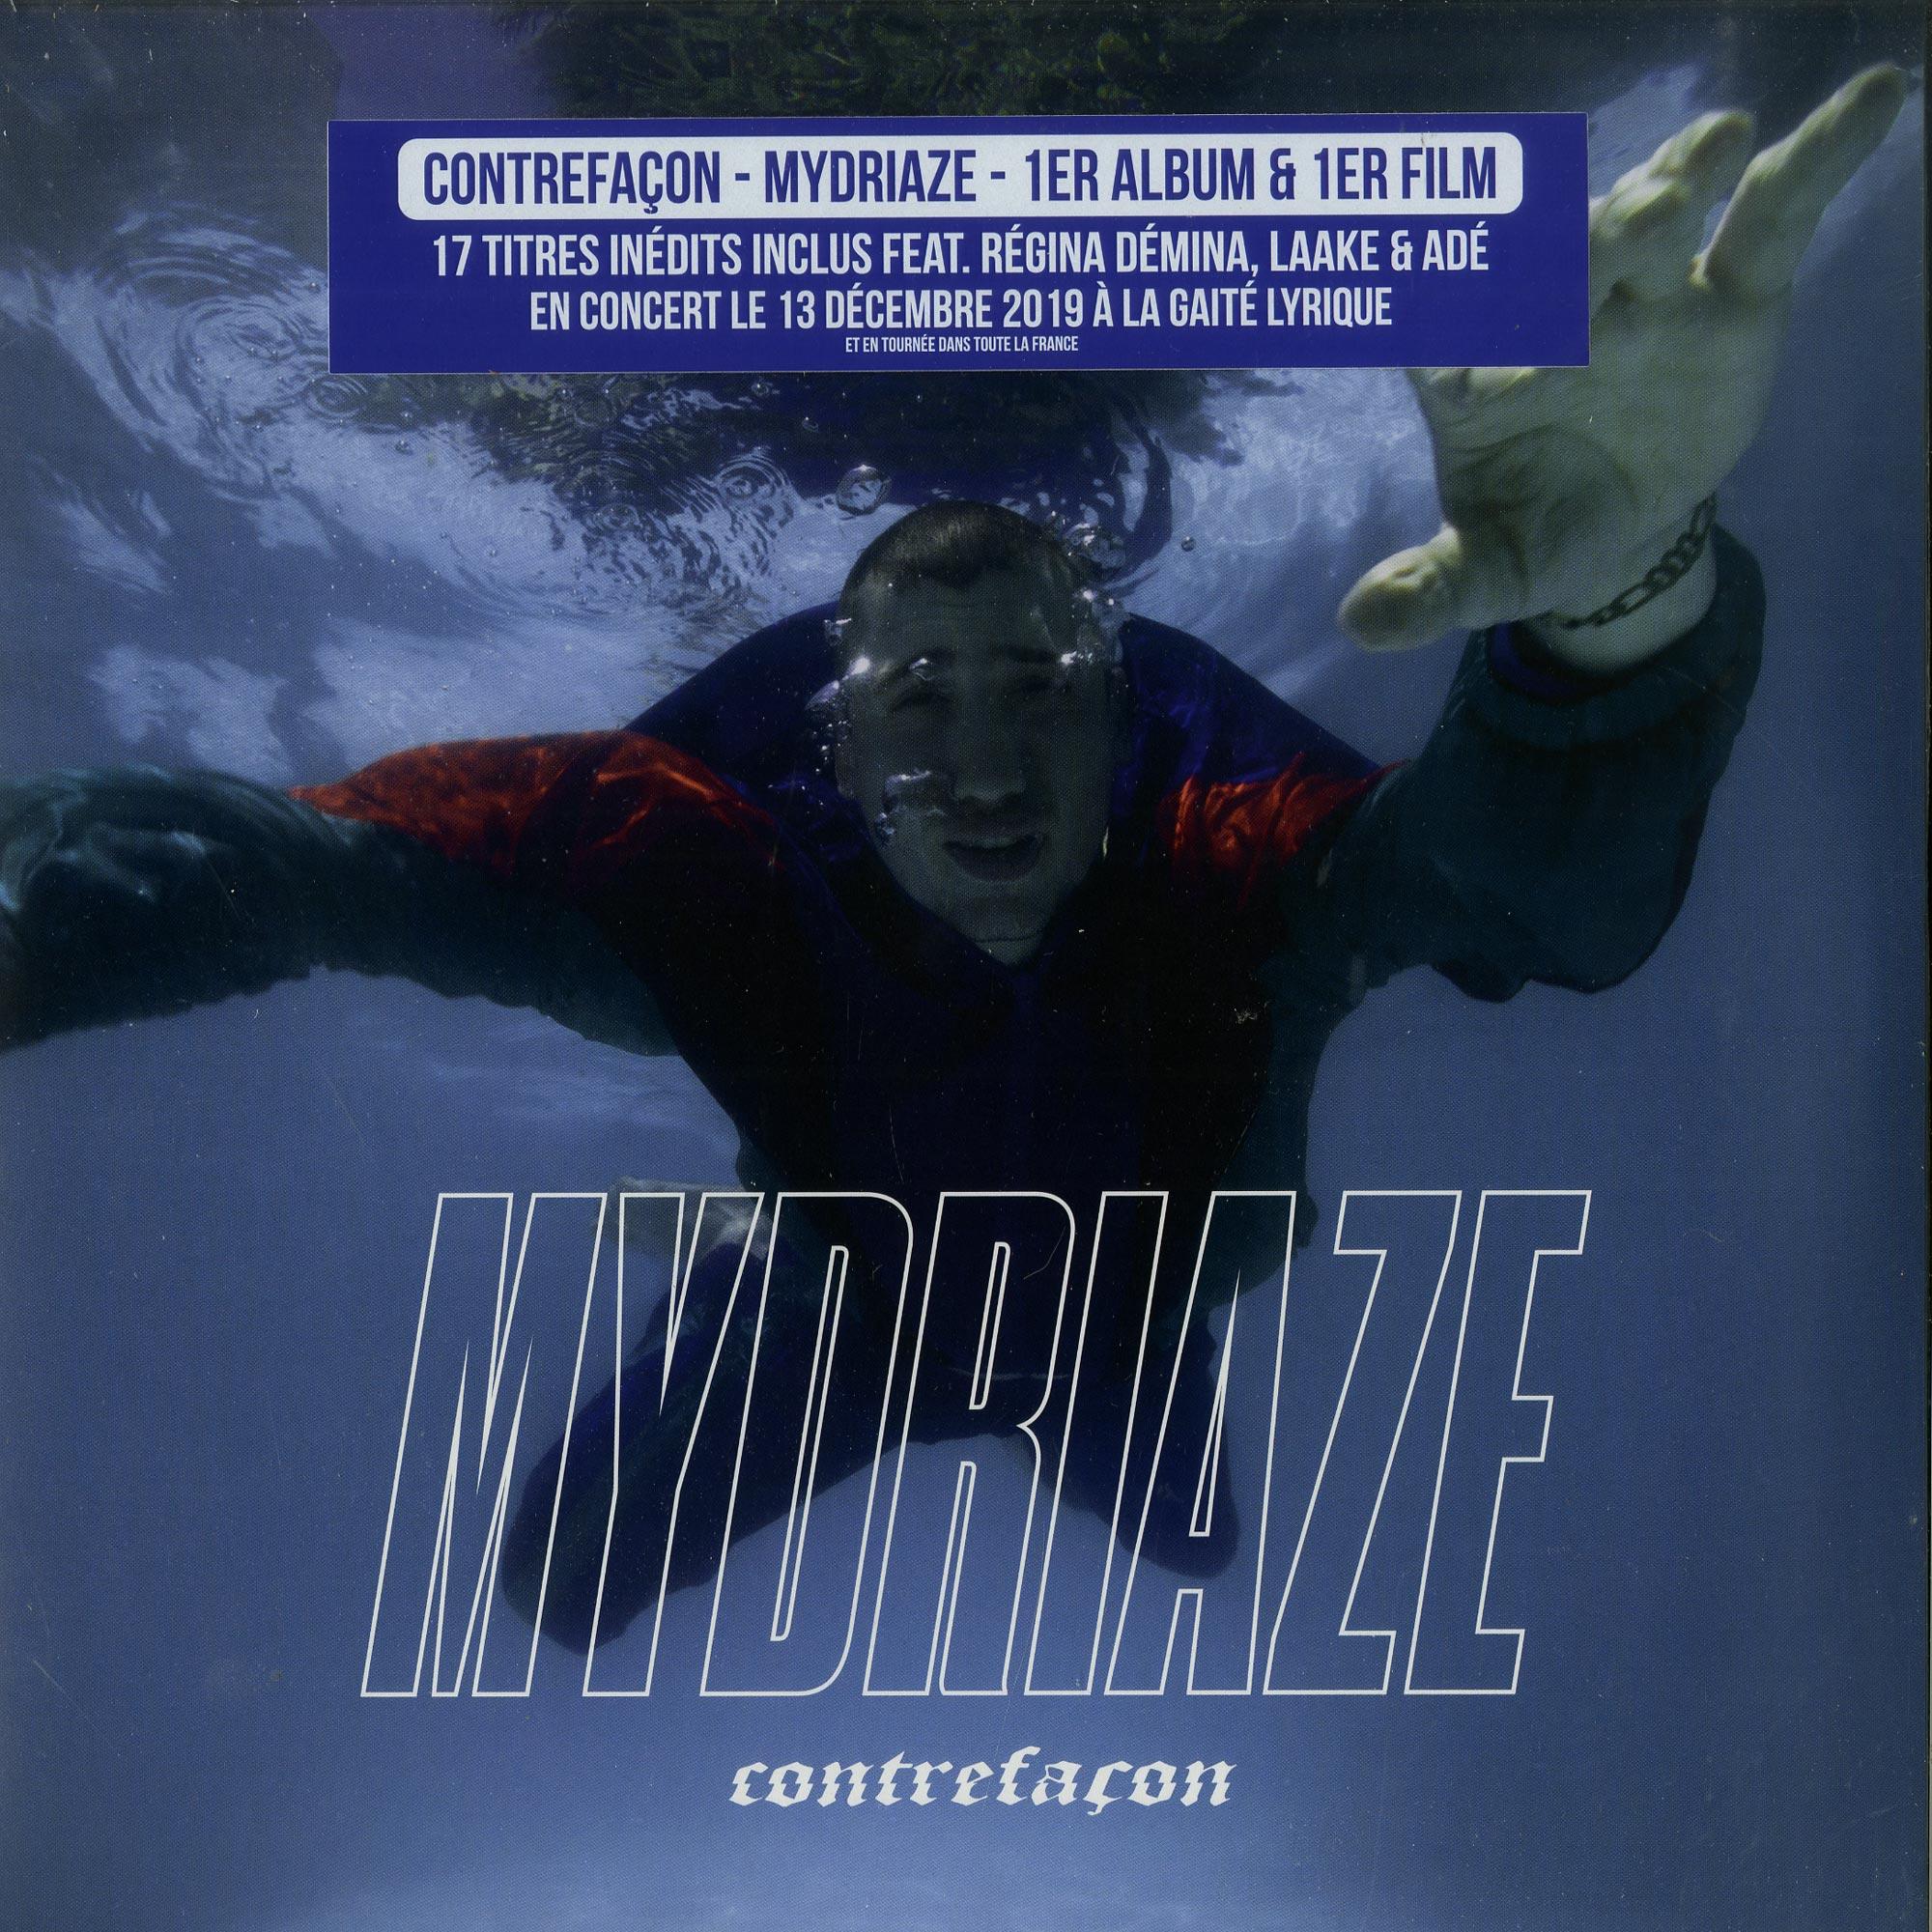 Contrefacon - MYDRIAZE